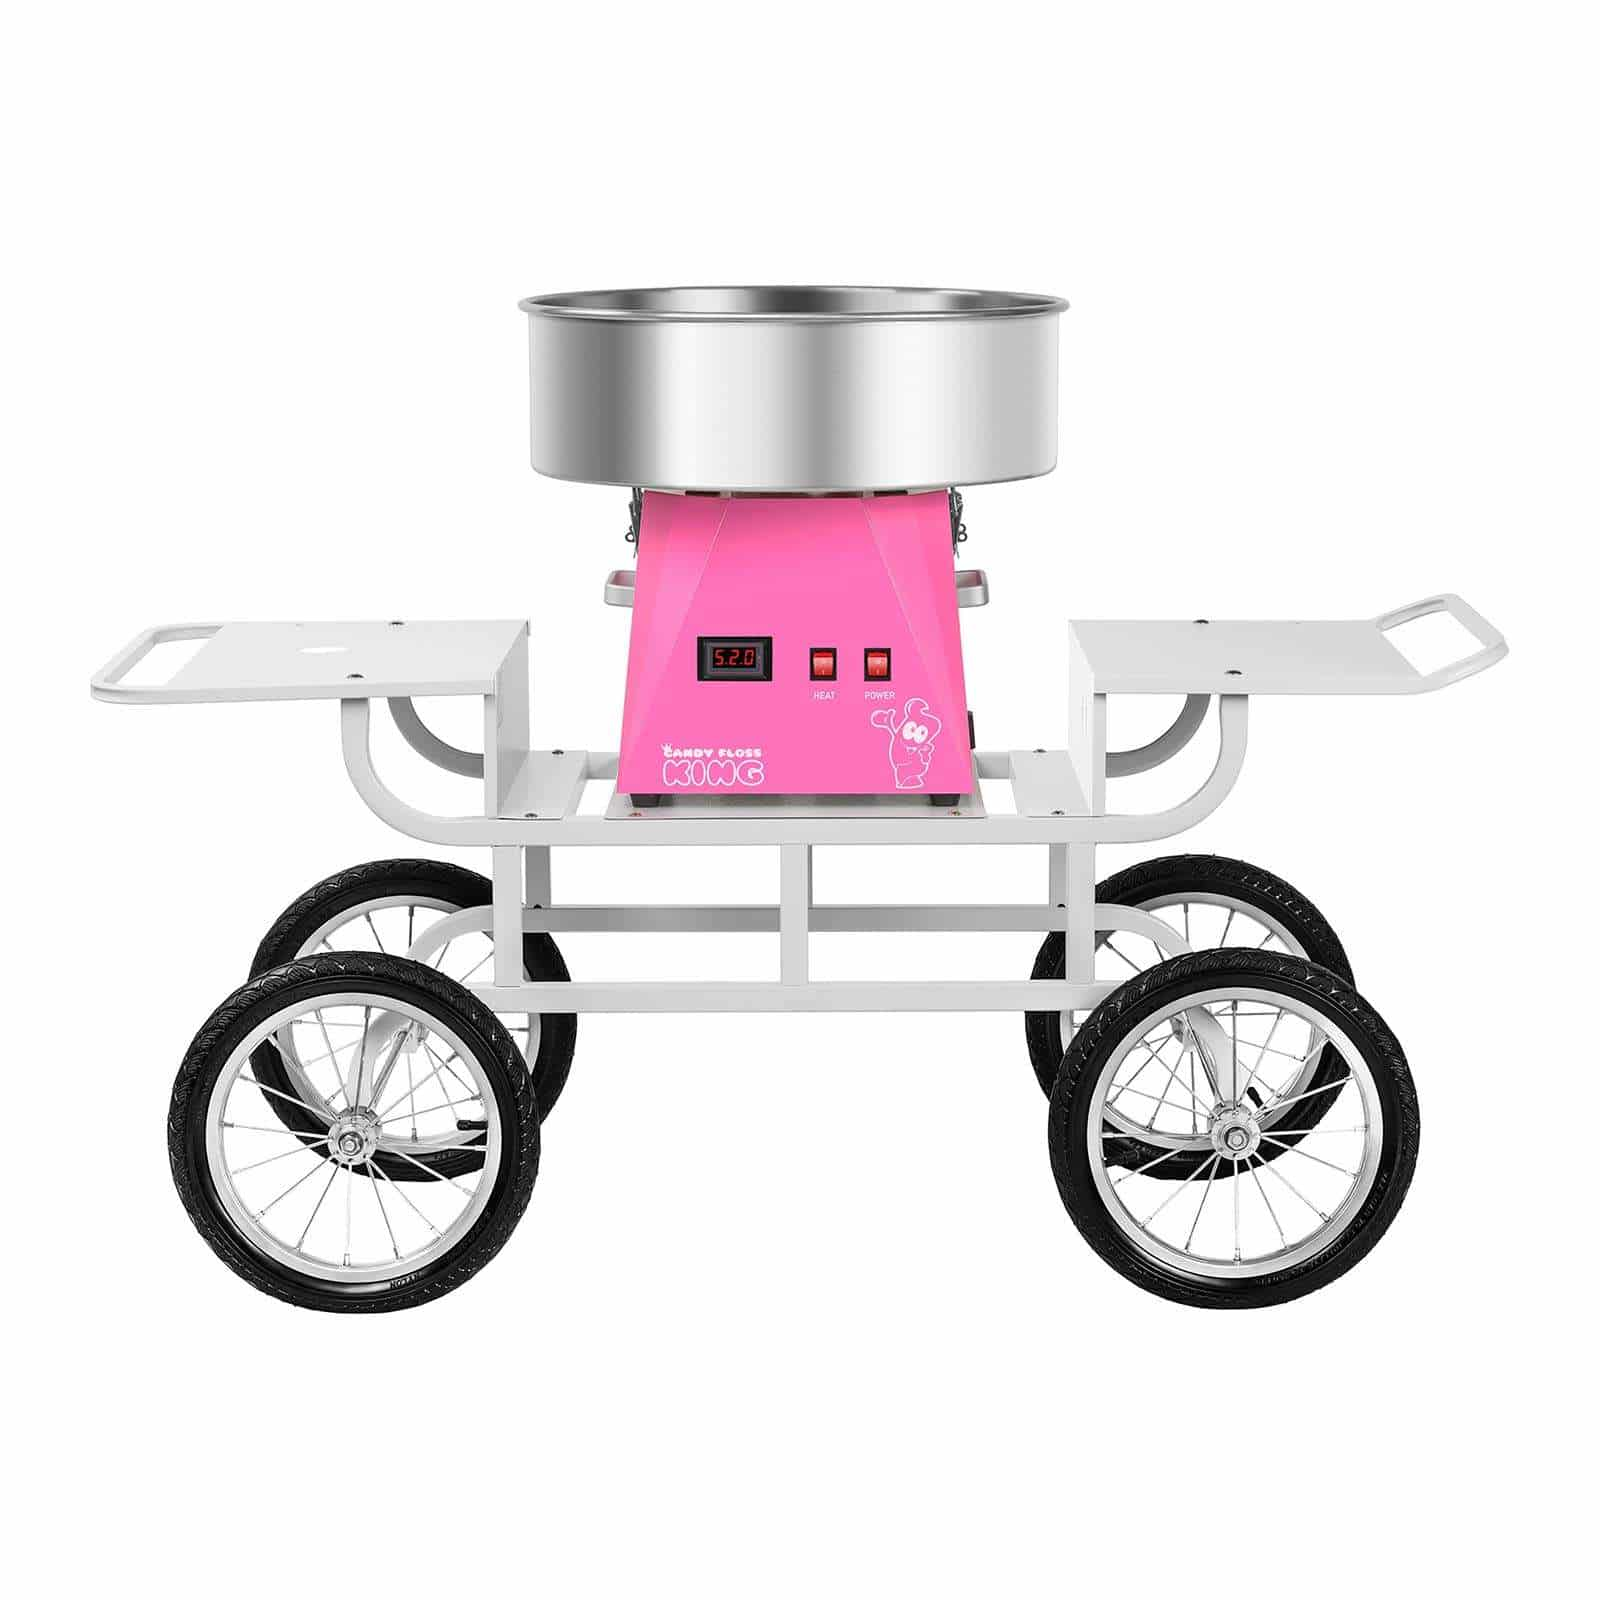 Zuckerwattemaschine Set mit Unterwagen 52 cm pink weiß